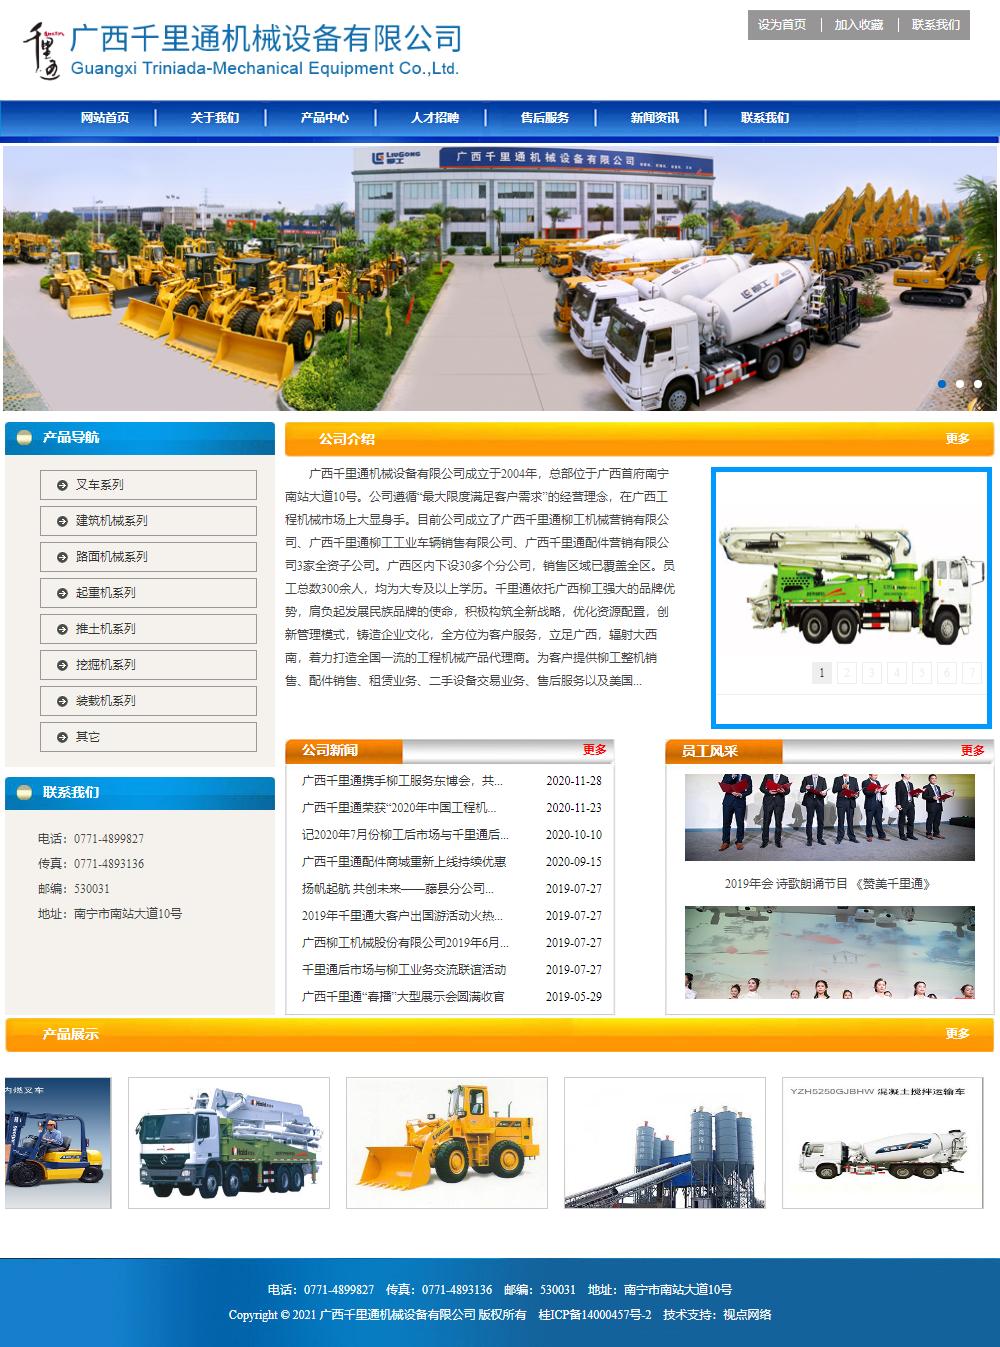 广西千里通机械设备有限公司网站案例